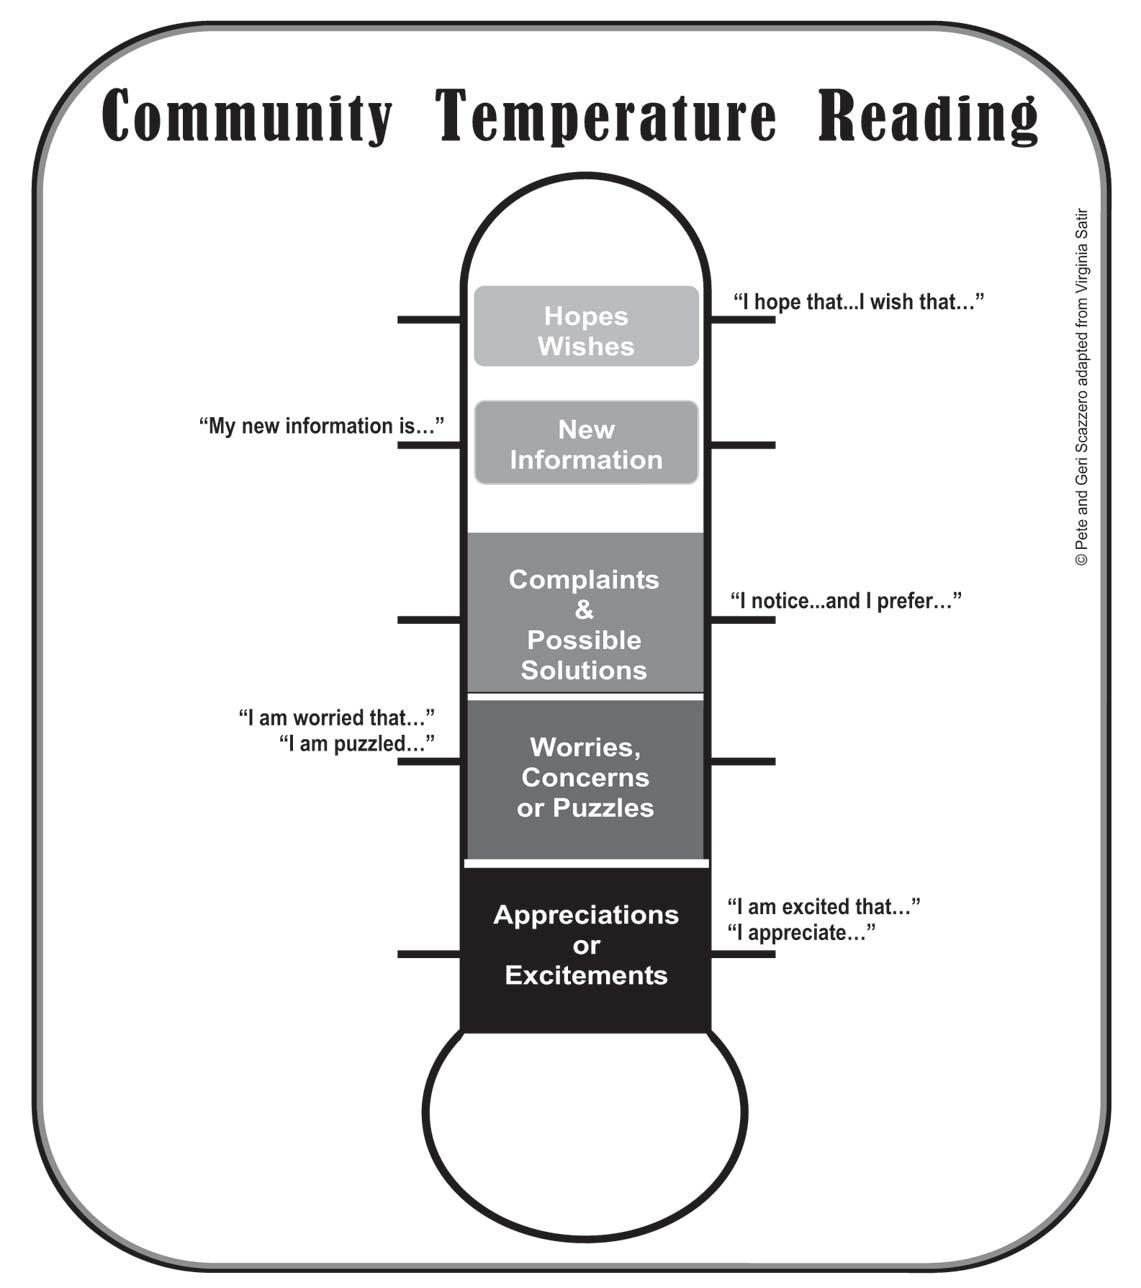 The Community Temperature Taker prepared by Pete and Geri Scazzero